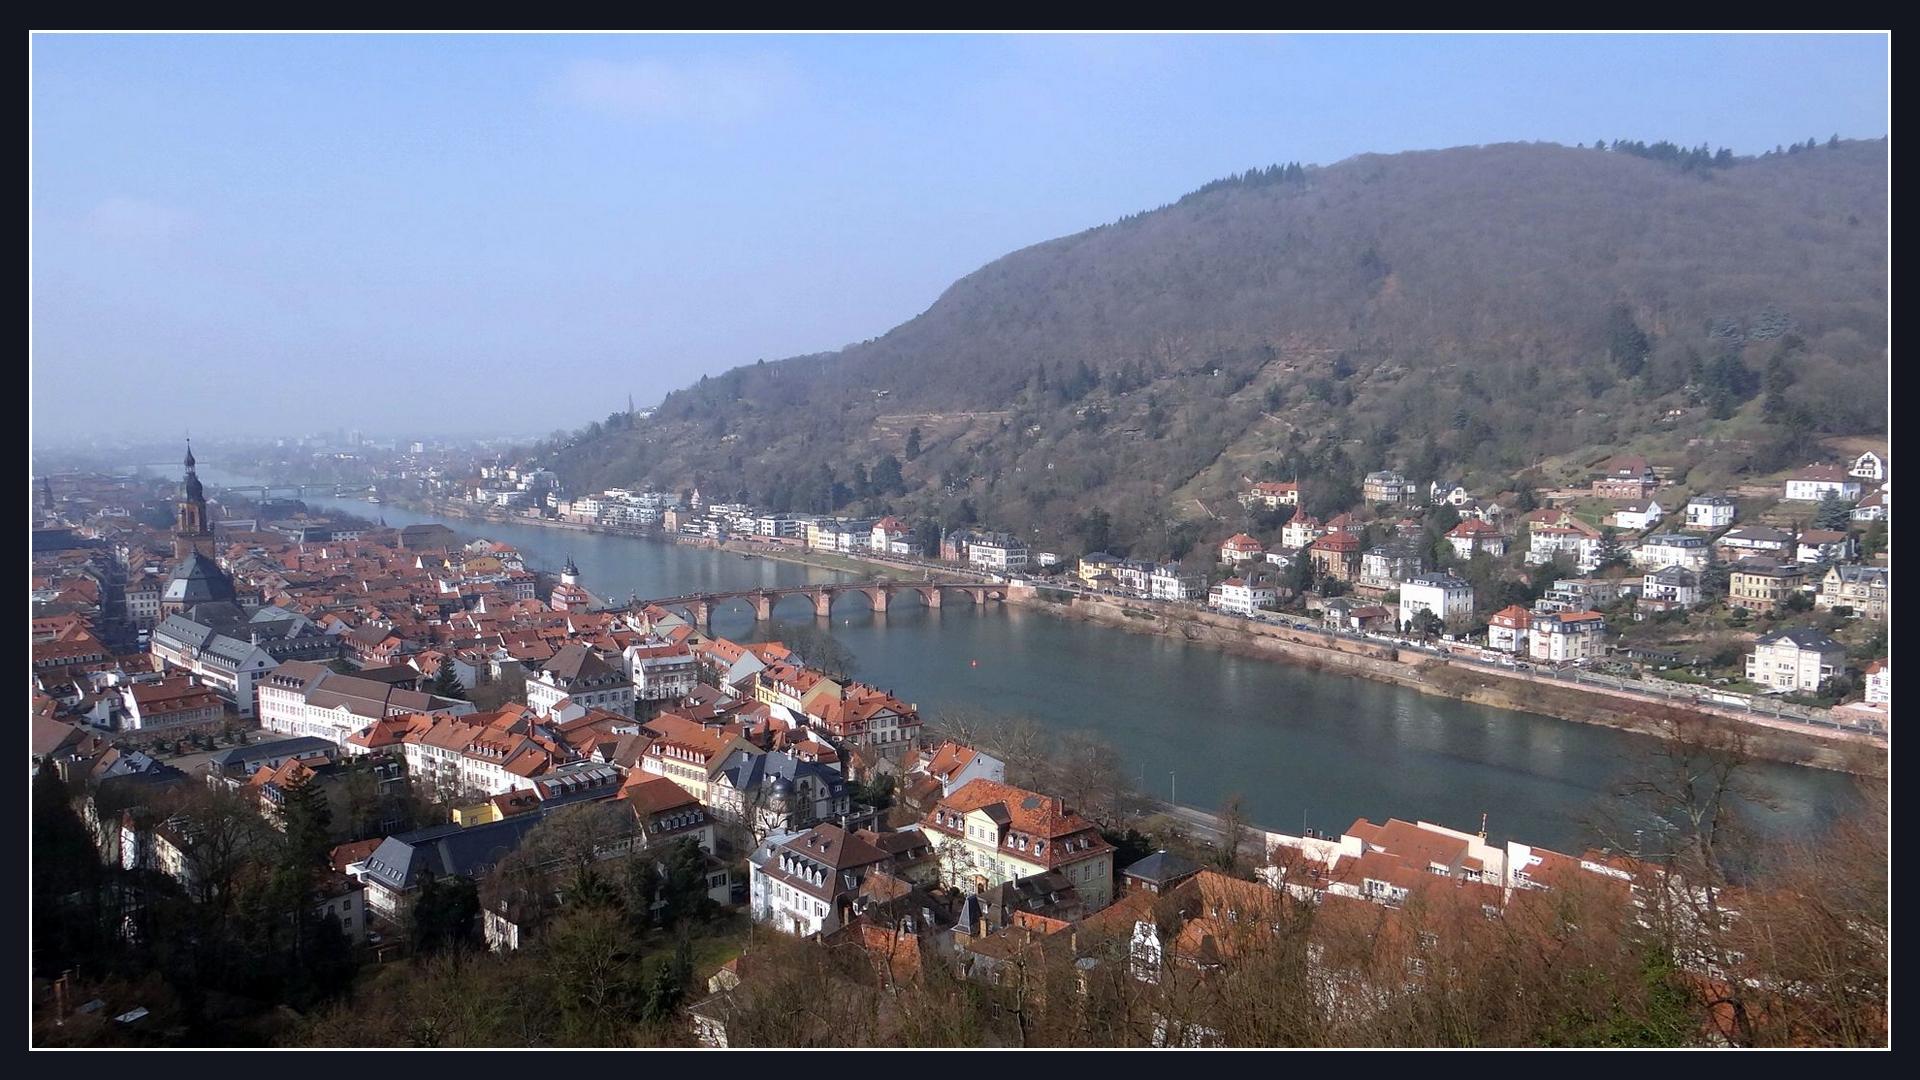 Der Neckar fließt durch Heidelberg